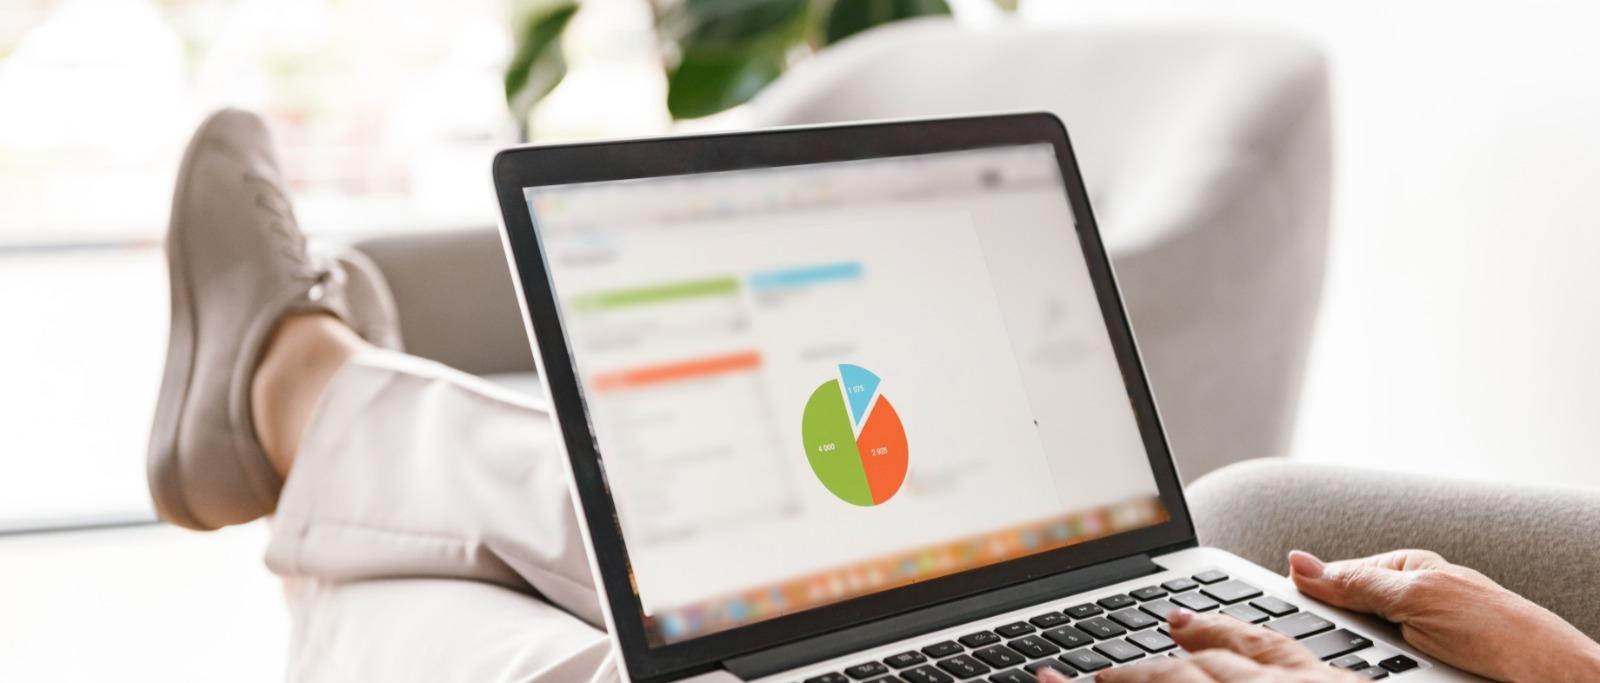 Urmăriți-vă obiectivele de sănătate și fitness în Excel - Asistență Office